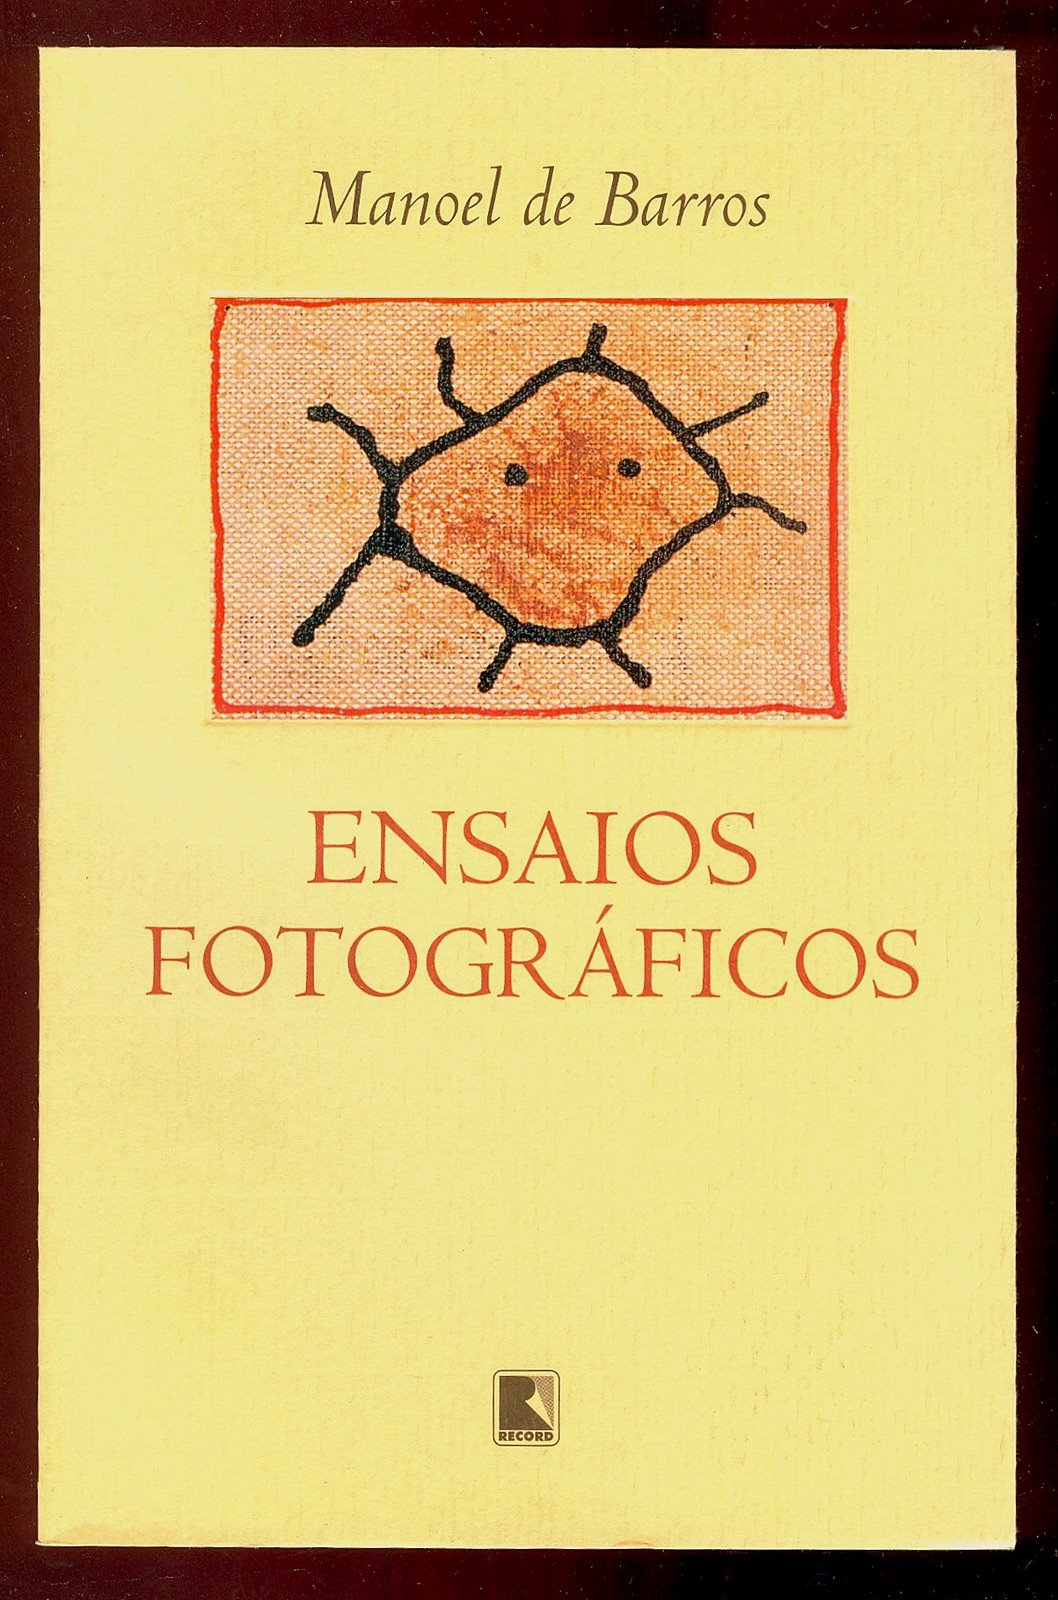 Ensaios Fotográficos - Manoel de Barros